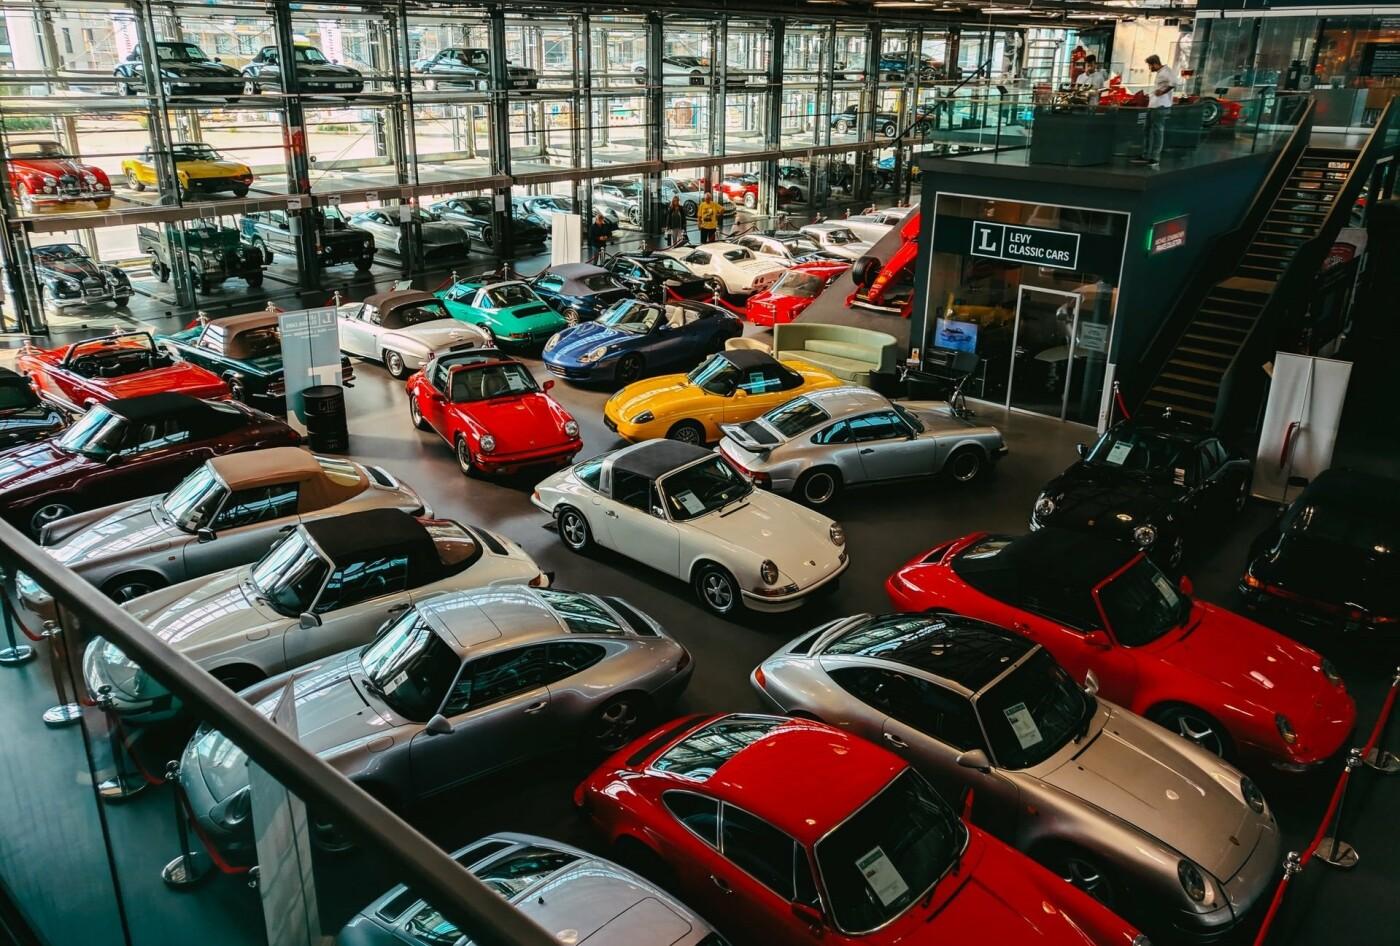 Купить авто б/у Киев: где найти и как выбрать машину в столице, Фото: Felix Fuchs